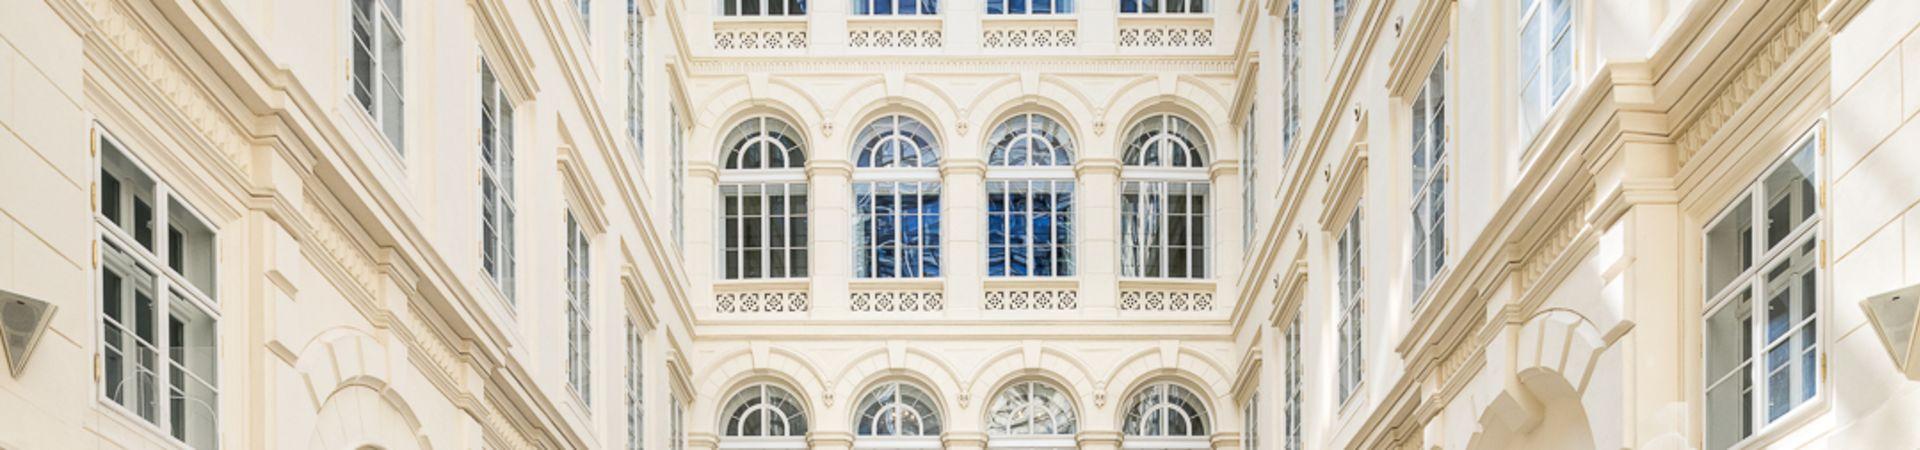 Barceló Brno Palace - Atrium